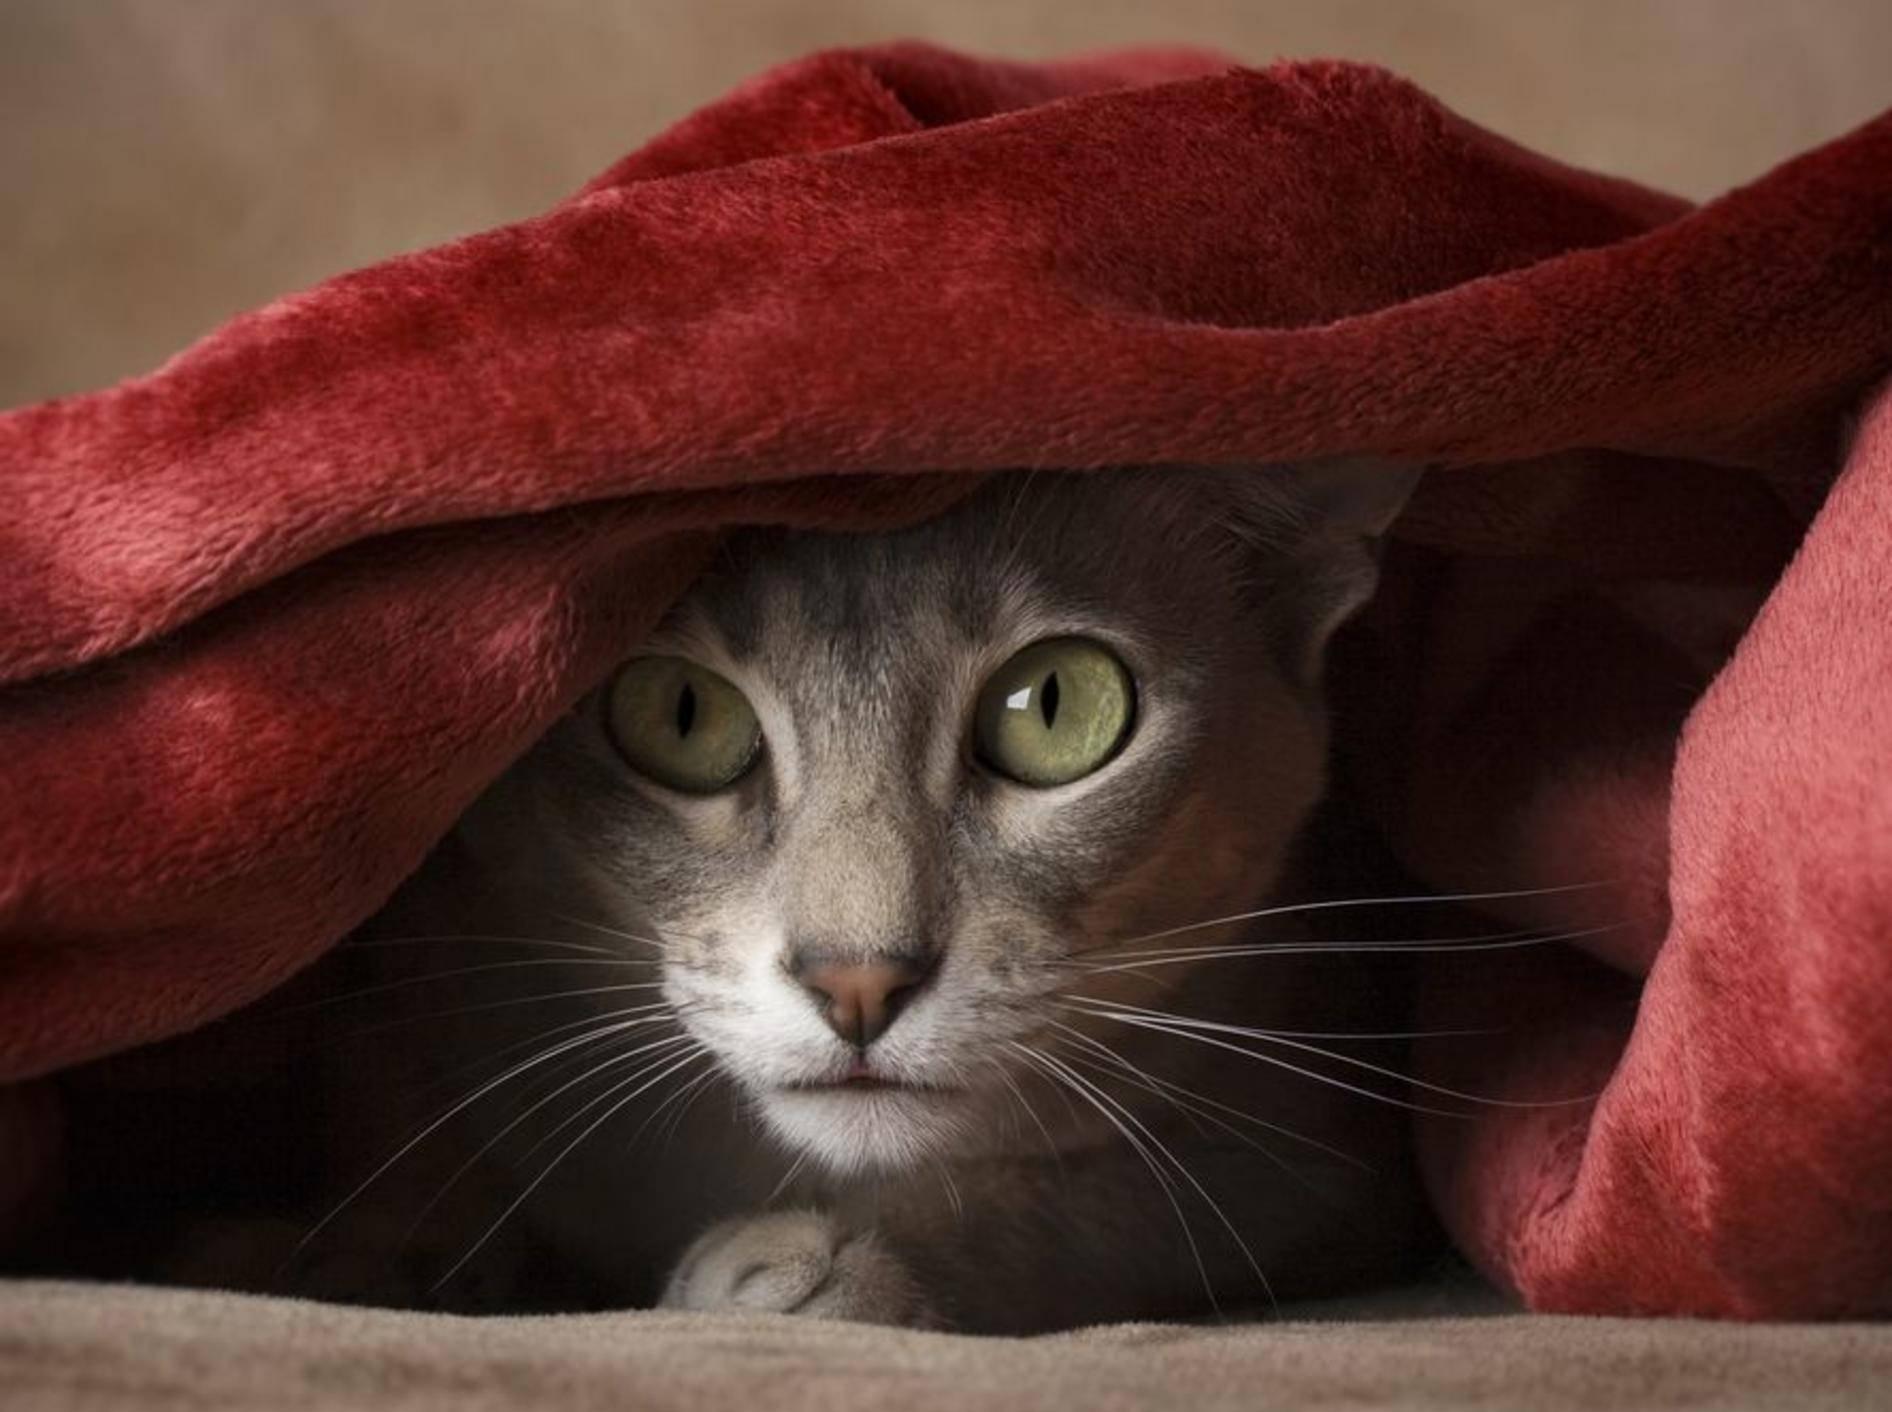 Ruhe und Routine sind wichtig, um der Katze an Silvester Stress zu ersparen – Bild: Shutterstock / Sharon Alexander